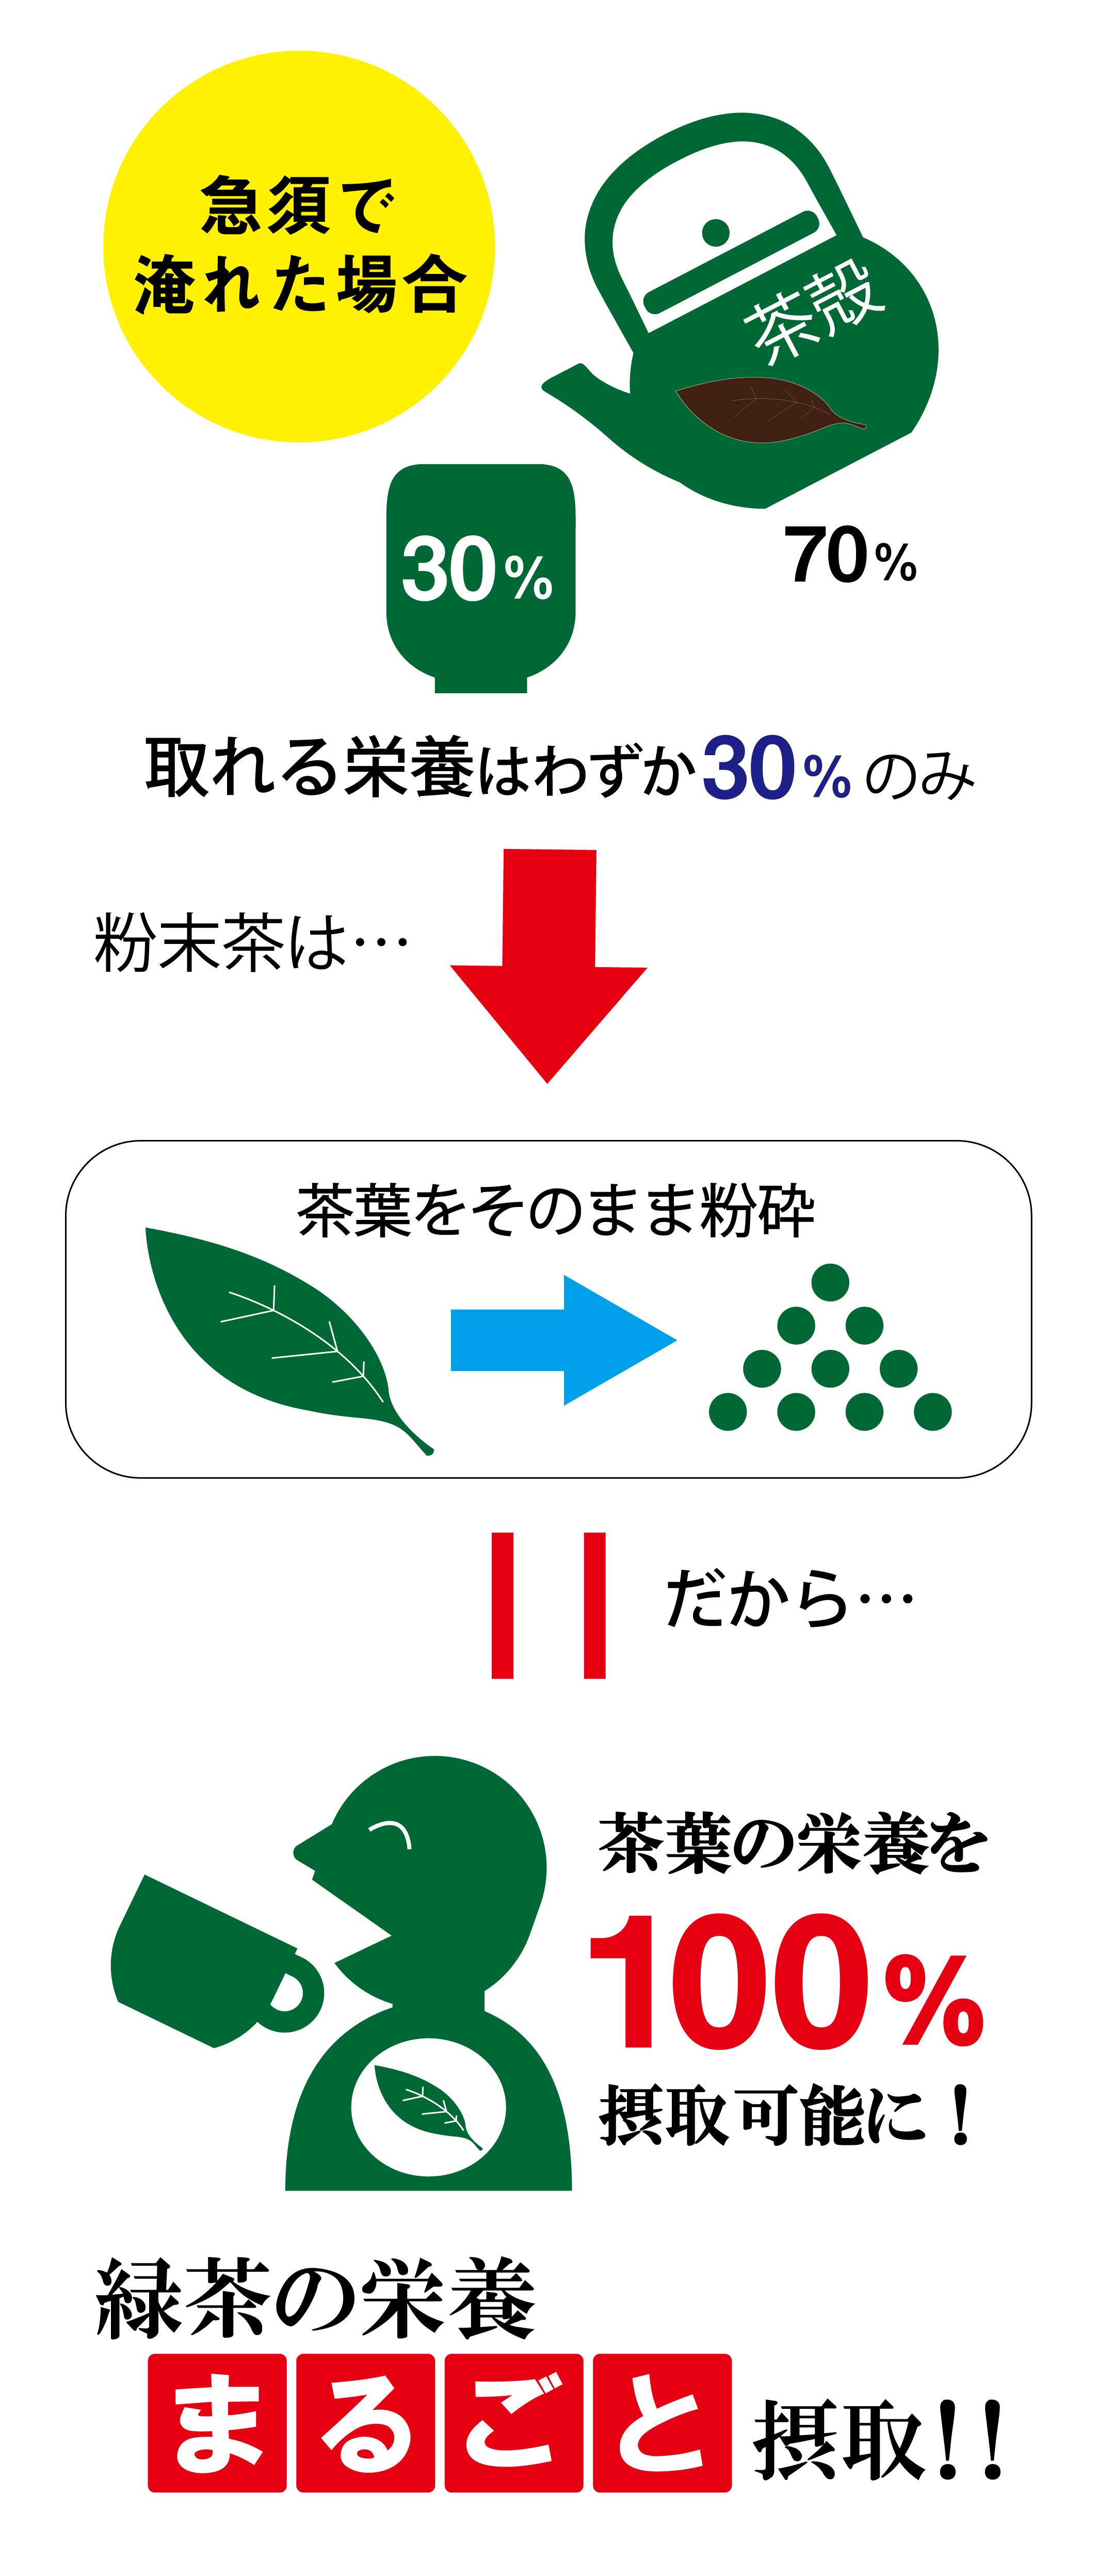 急須では取りきれない緑茶の栄養を粉末茶でまるごと摂取